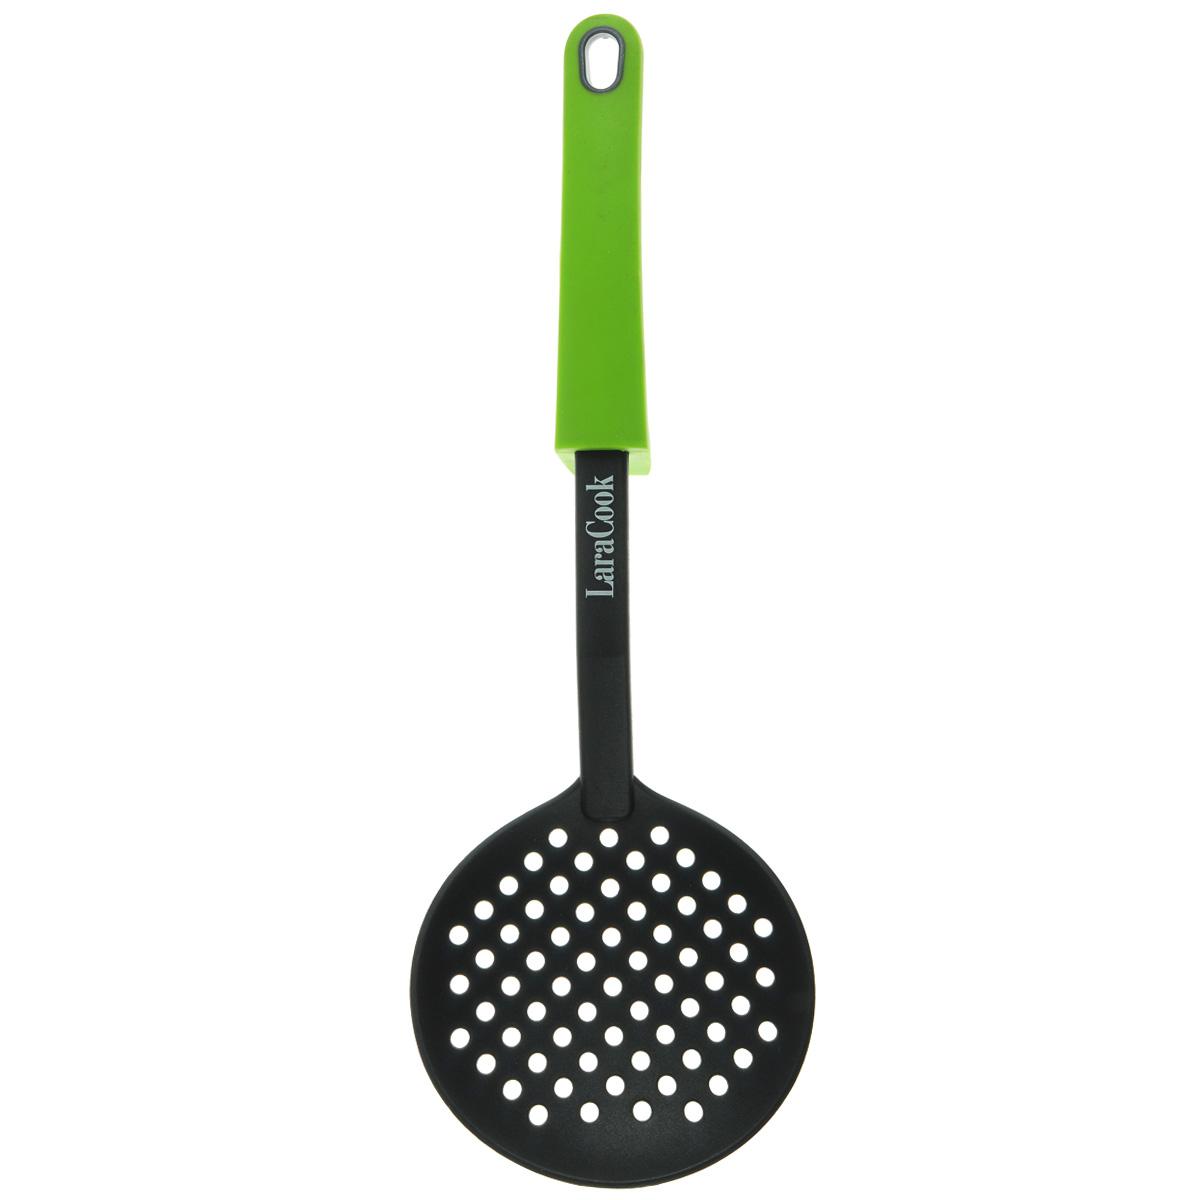 Шумовка Laracook, цвет: зеленый, длина 34 смLC-0916Шумовка Laracook изготовлена из термостойкого нейлона с прорезями для слива воды. Удобная ручка с упором обеспечивает надежный захват благодаря силиконовому покрытию. Такой шумовкой удобно вытаскивать блюда из кастрюли. На ручке имеется небольшое отверстие, за которое изделие можно подвесить в любом удобном для вас месте. Практичная и удобная шумовка займет достойное место среди аксессуаров на вашей кухне.Длина: 34 см. Диаметр рабочей поверхности: 11,5 см.